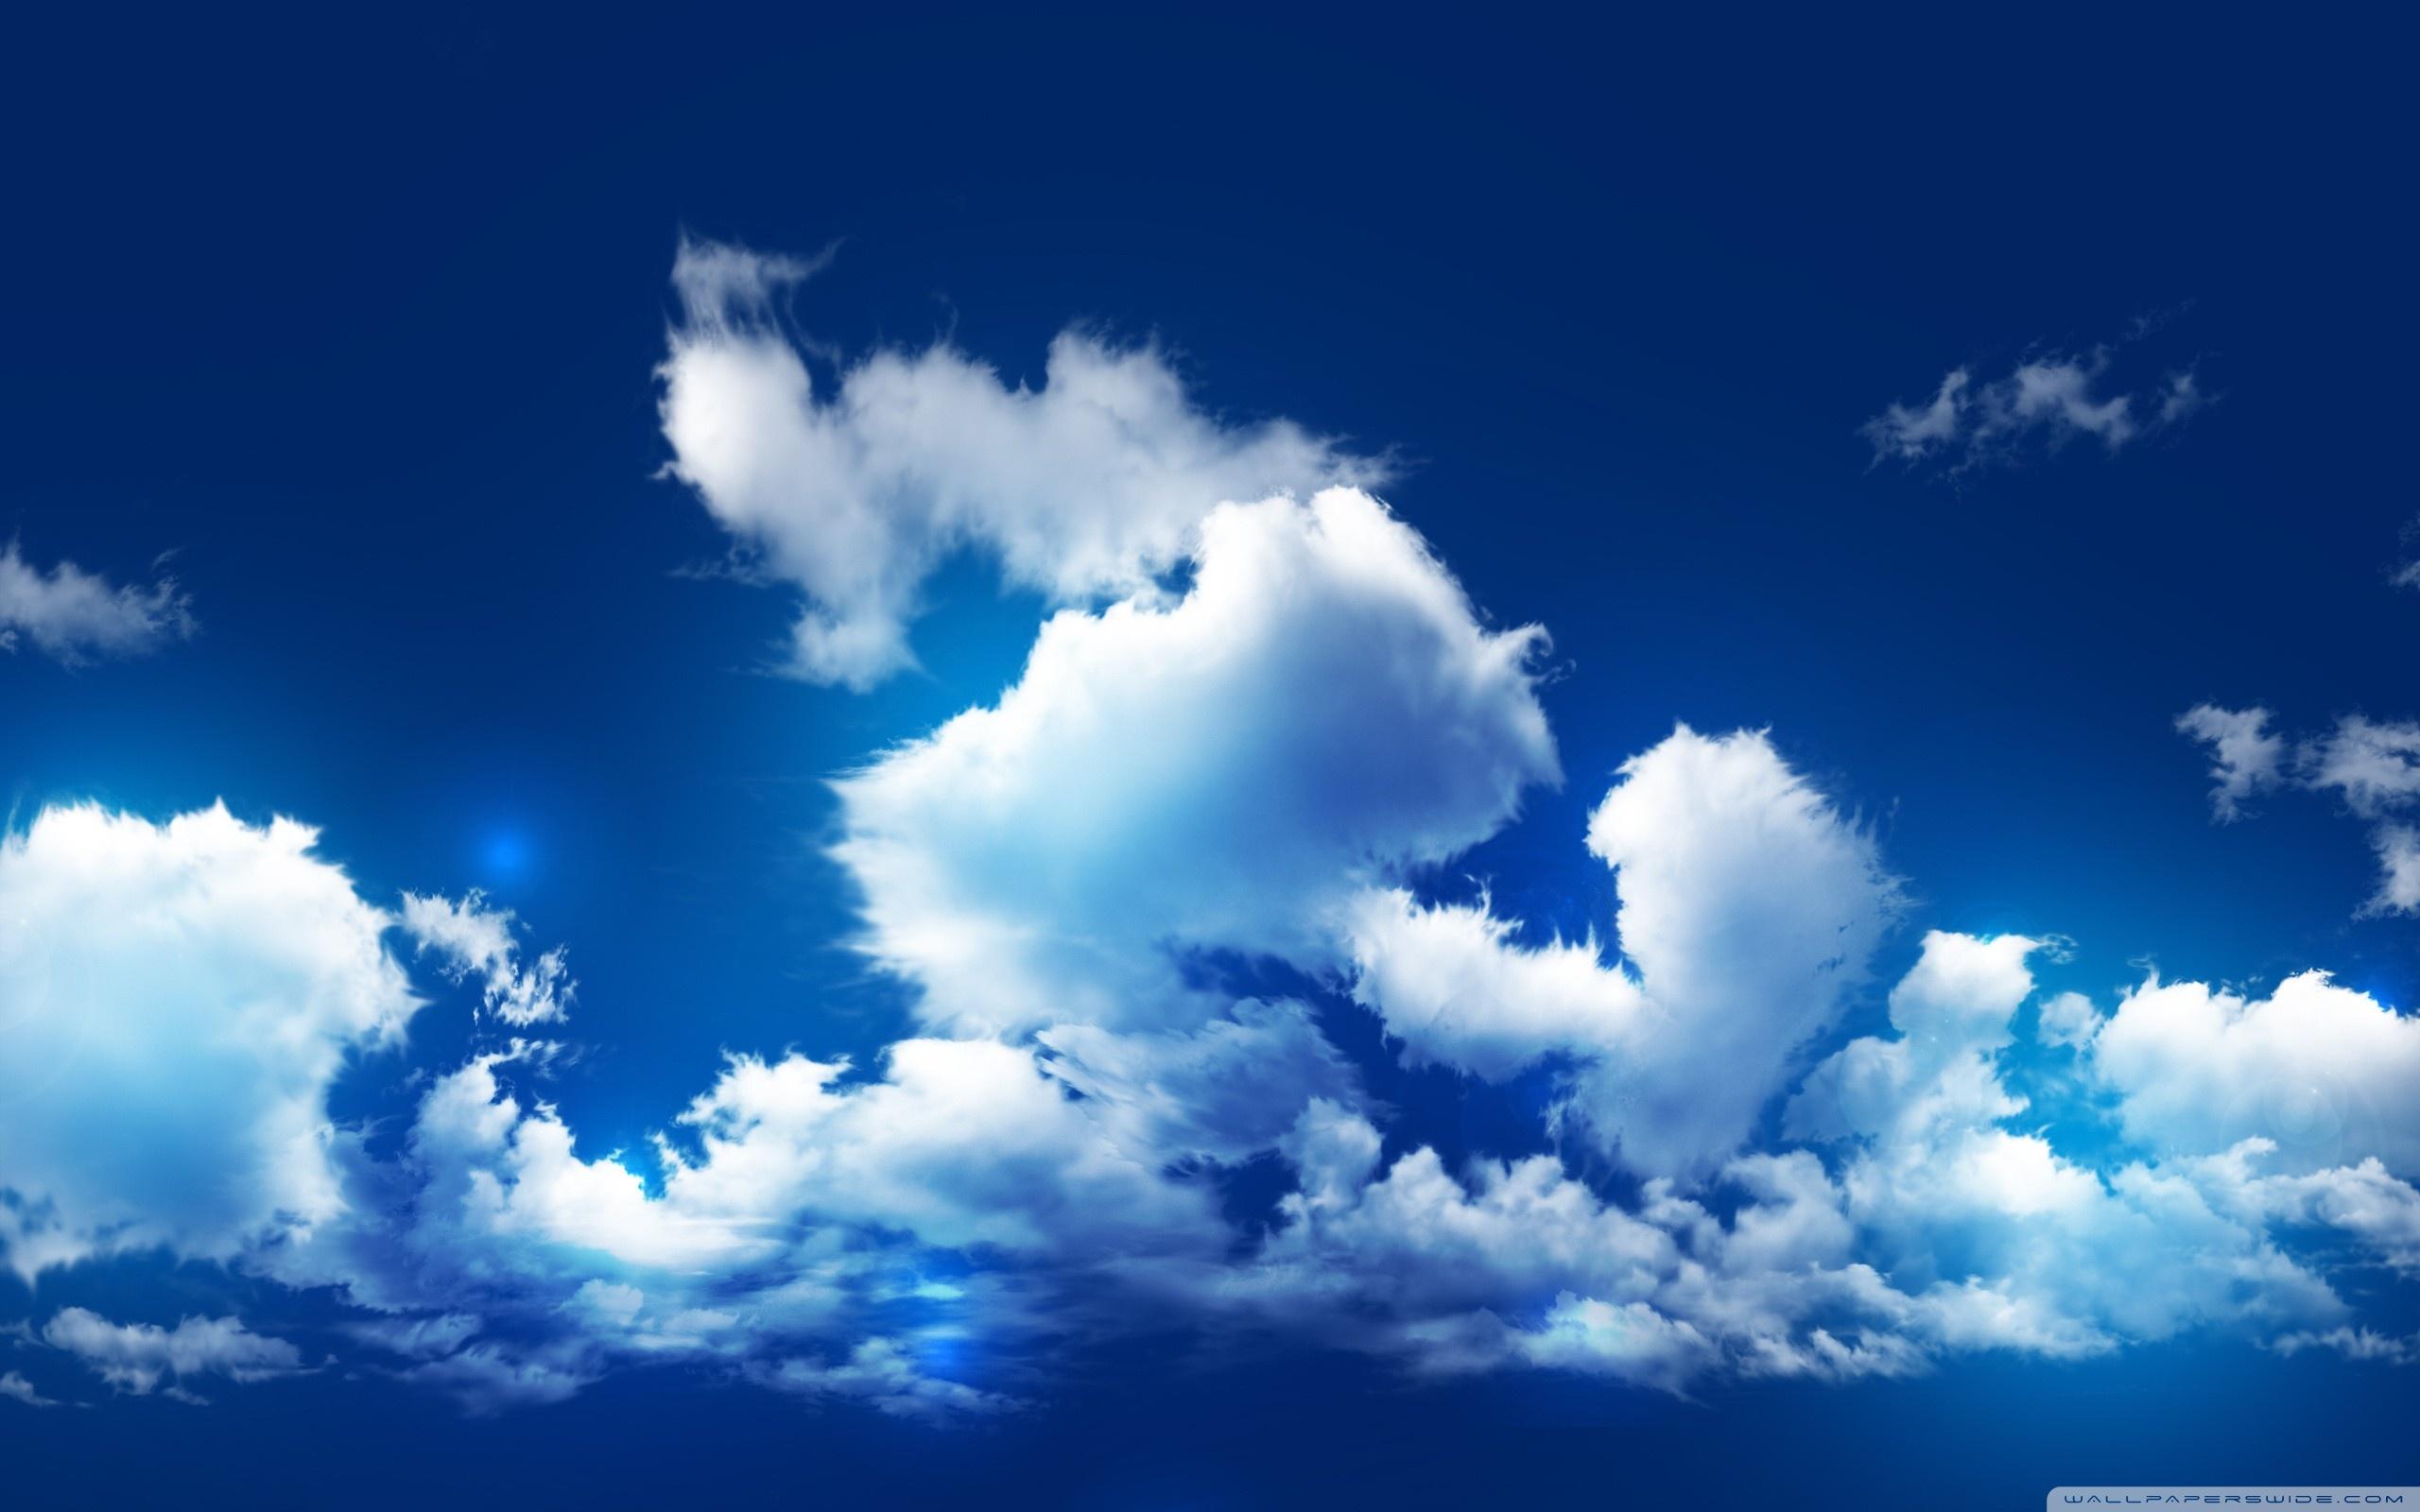 синее небо, облака, скачать фото, обои для рабочего стола, скачать